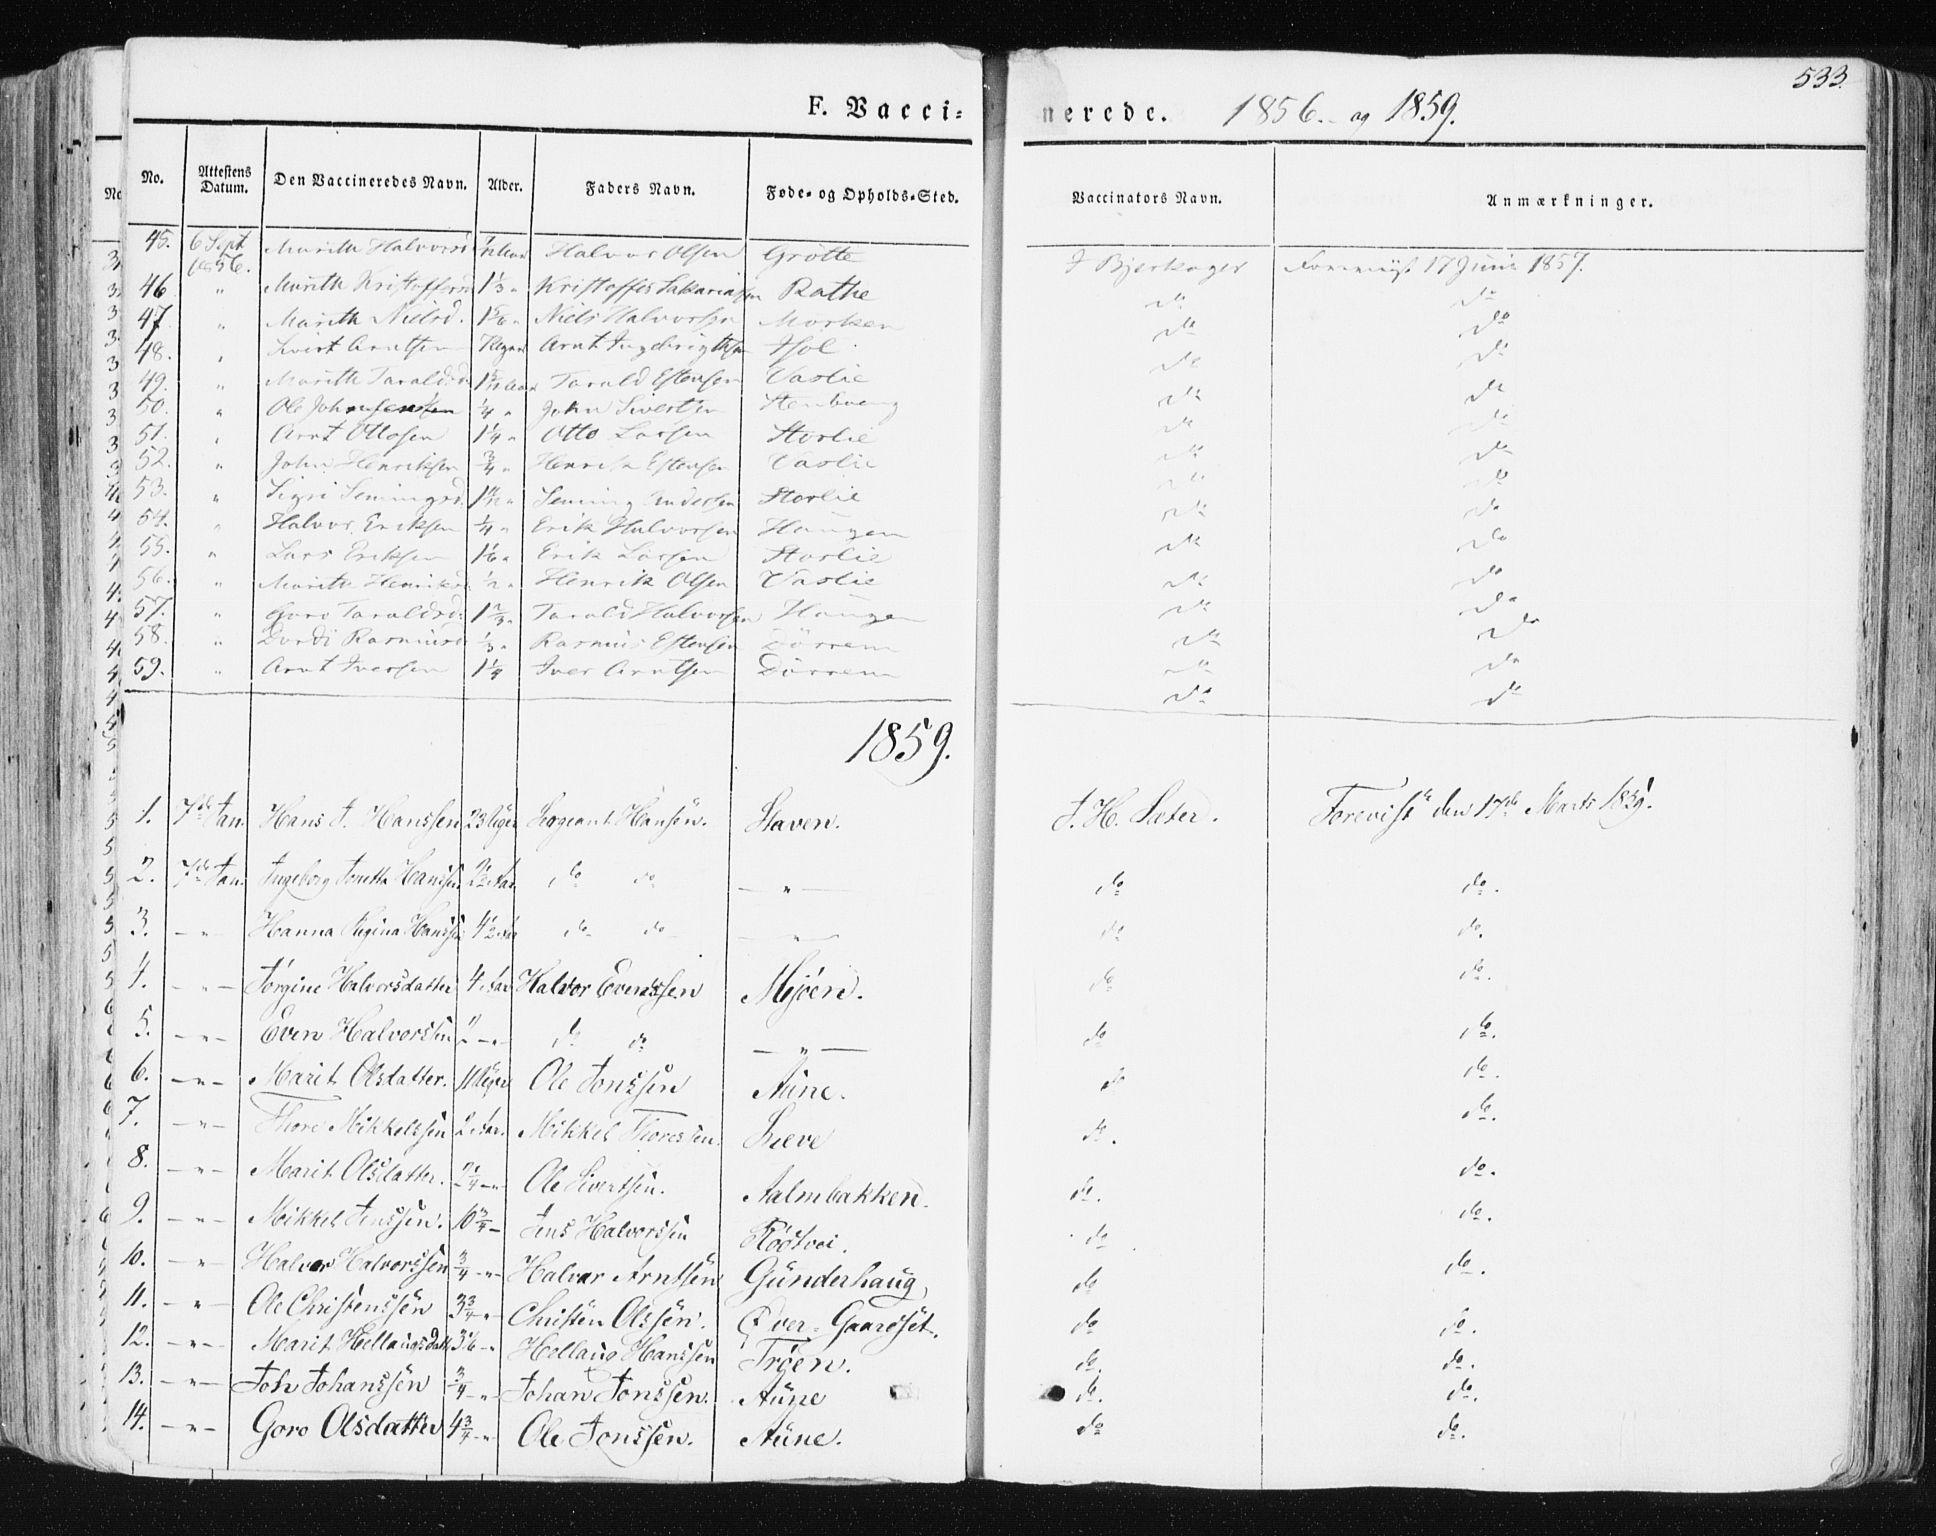 SAT, Ministerialprotokoller, klokkerbøker og fødselsregistre - Sør-Trøndelag, 678/L0899: Ministerialbok nr. 678A08, 1848-1872, s. 533